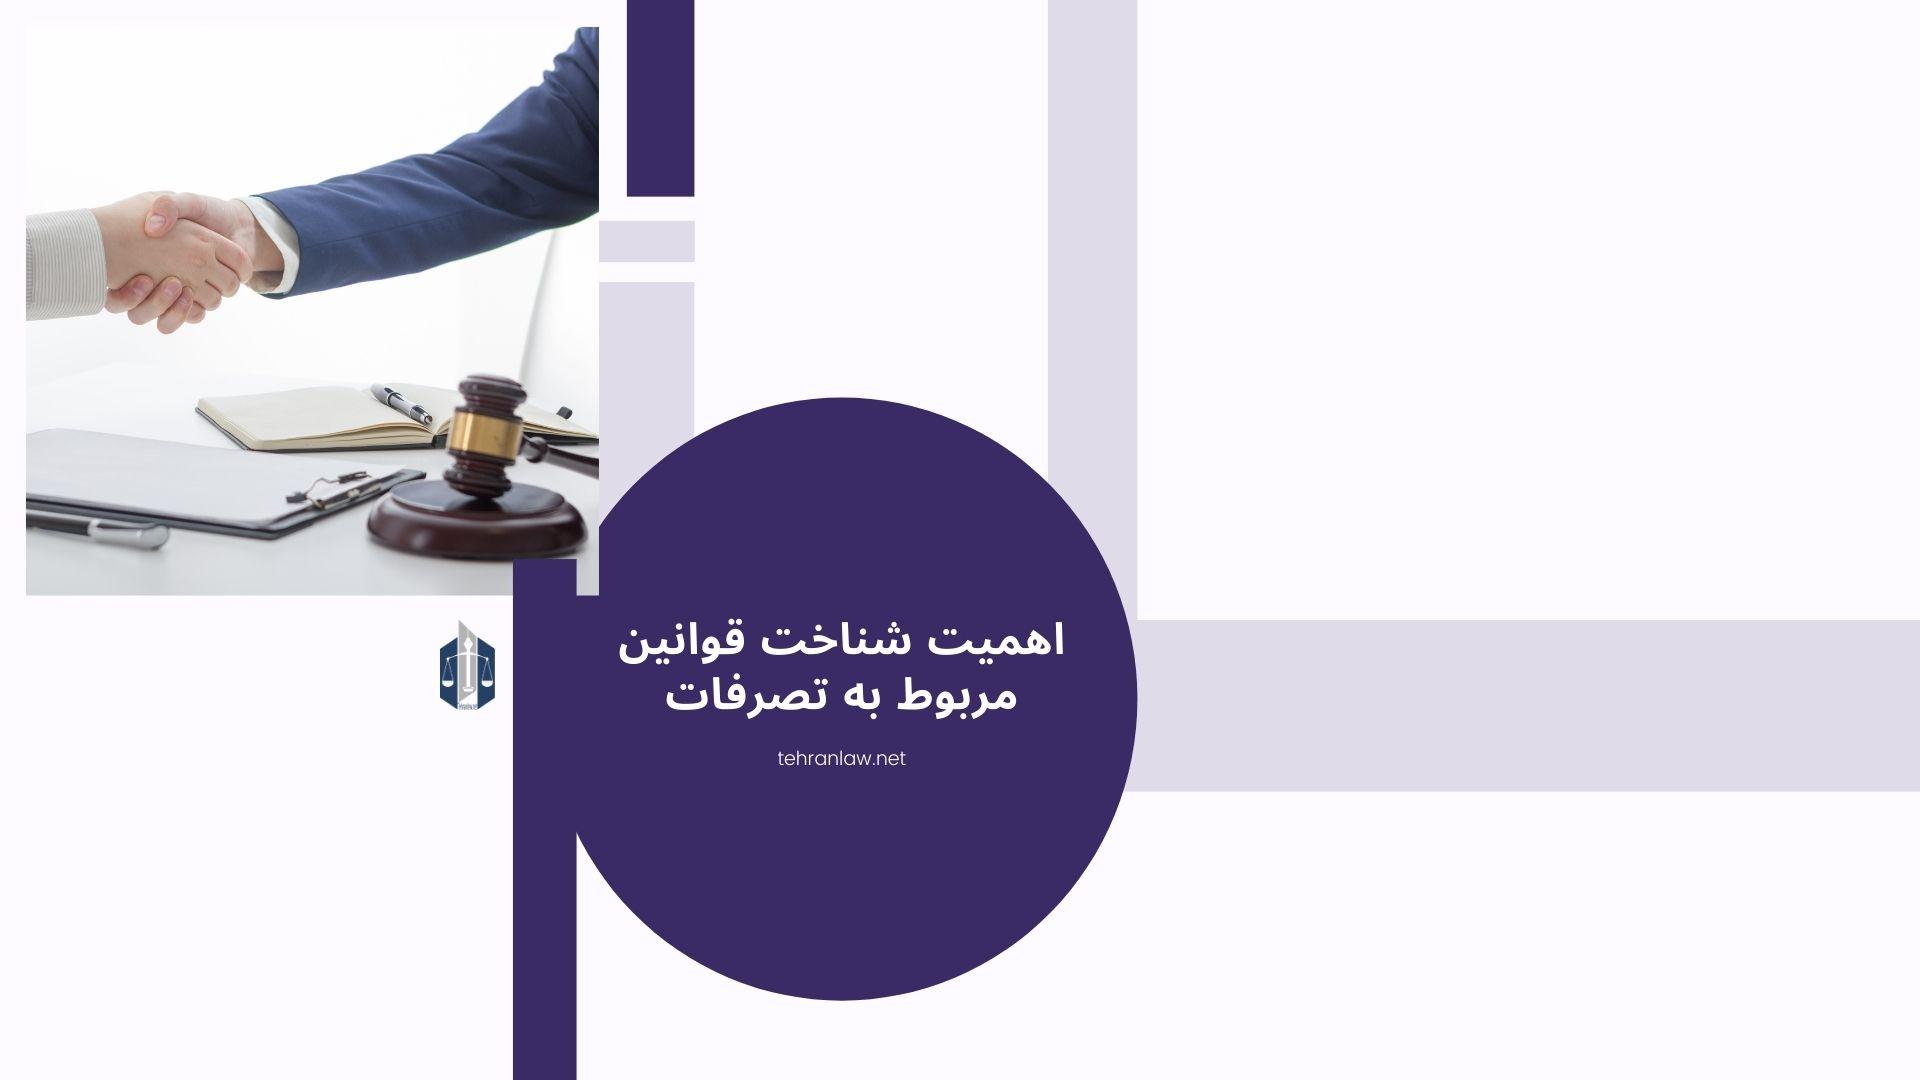 اهمیت شناخت قوانین مربوط به تصرفات